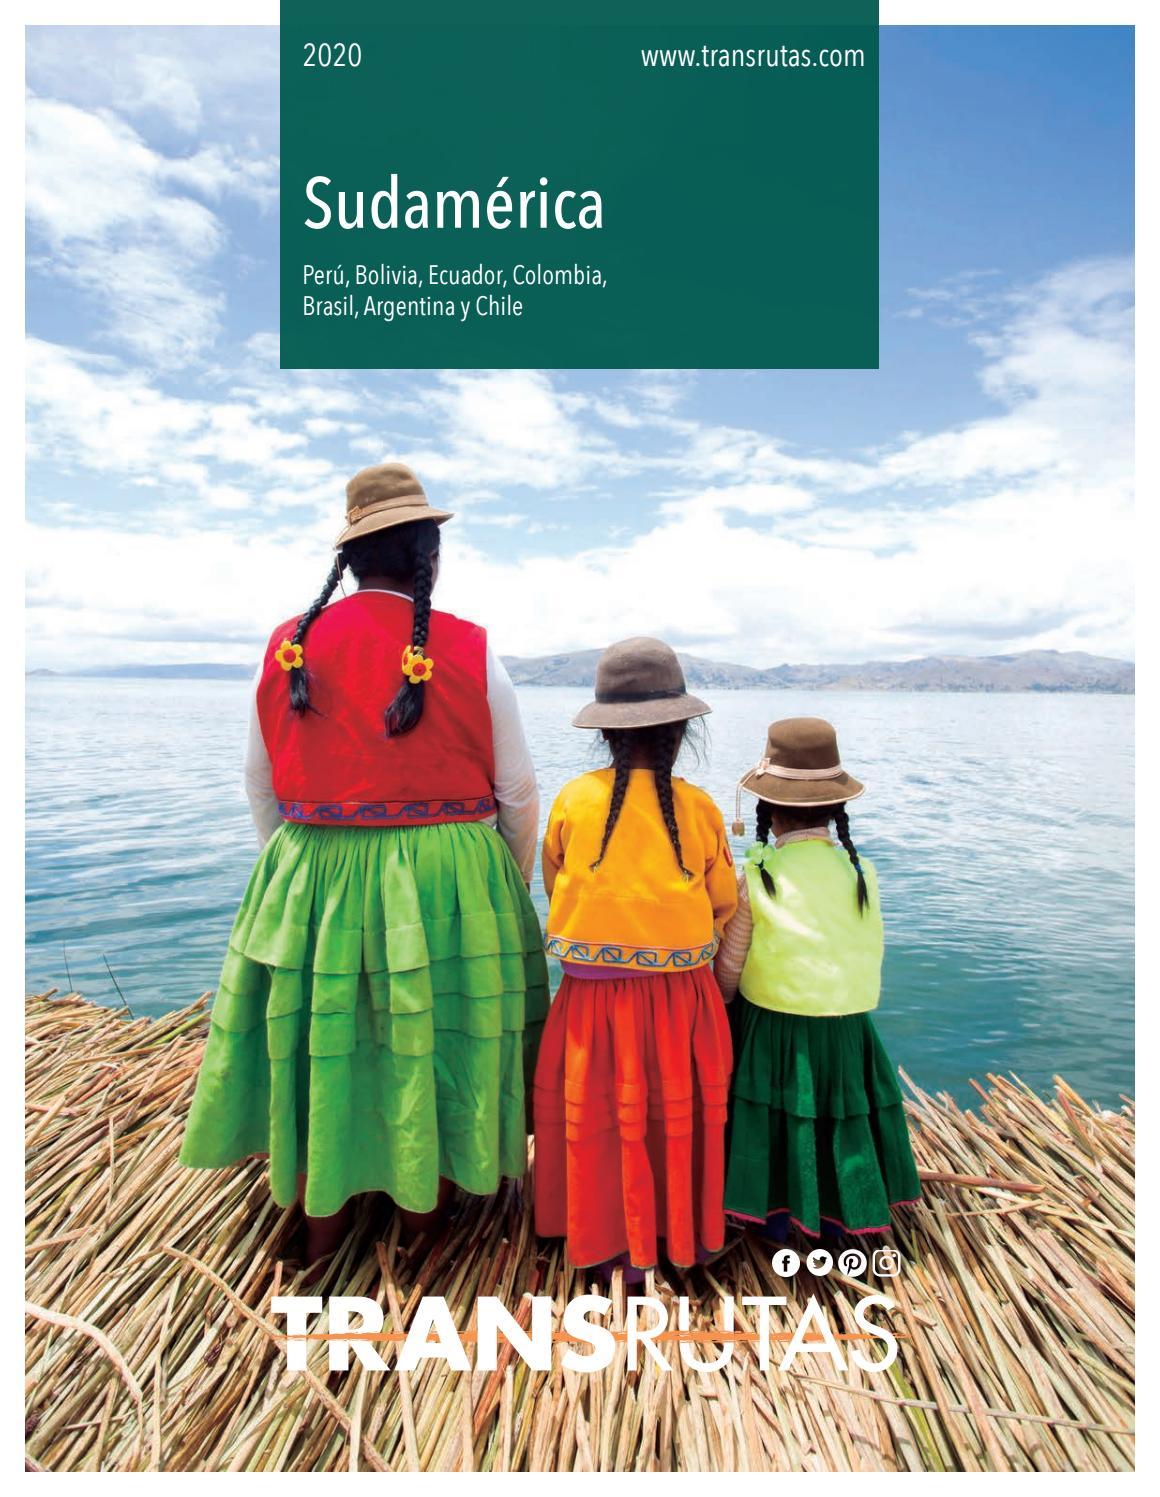 Catálogo Sudamérica Transrutas 2020 By Transrutas Issuu